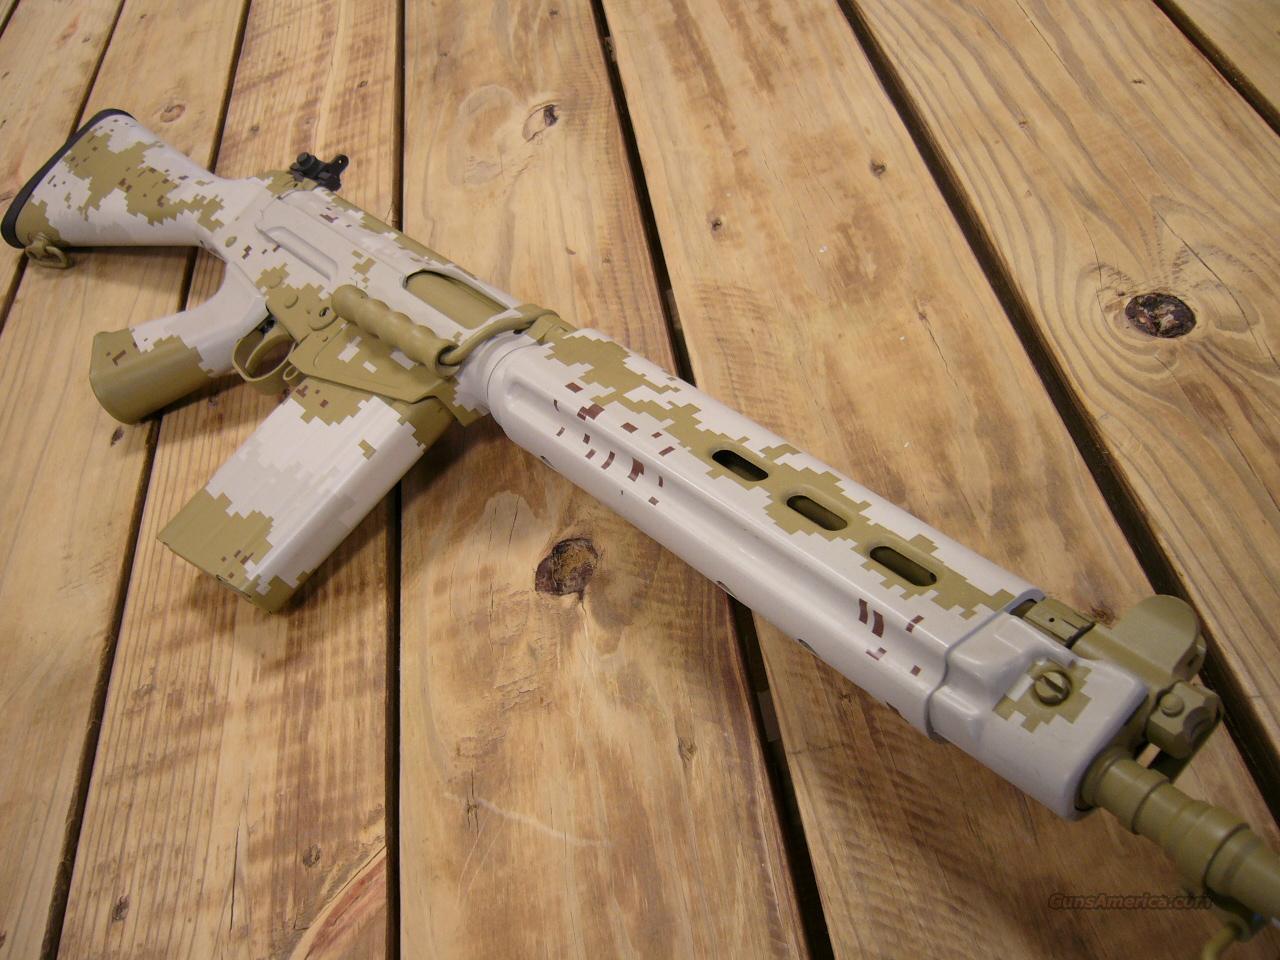 DSA SA58 308 SNIPER FN FAL 7 62 SA 58 DS ARMS